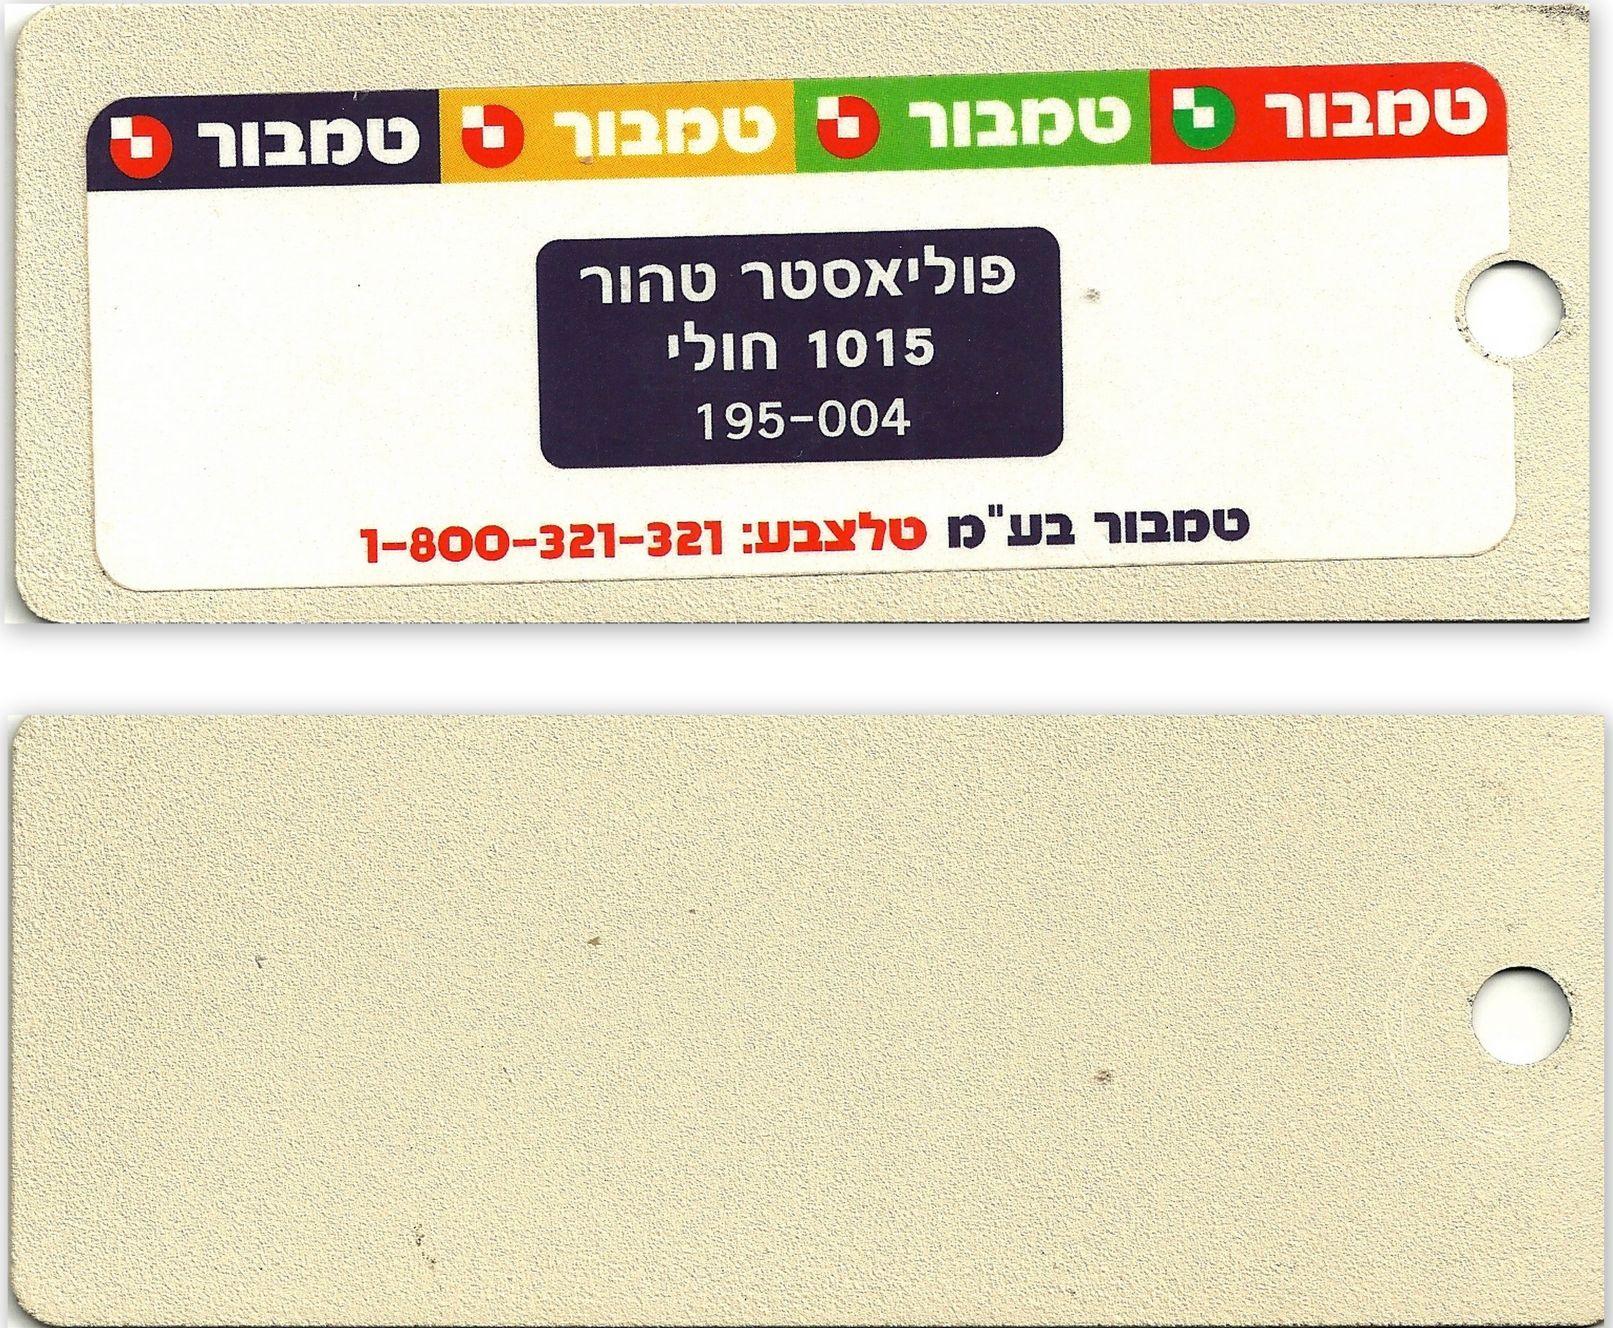 מעקות - קטלוג צבעי טמבור - טמבור 1015 חולי